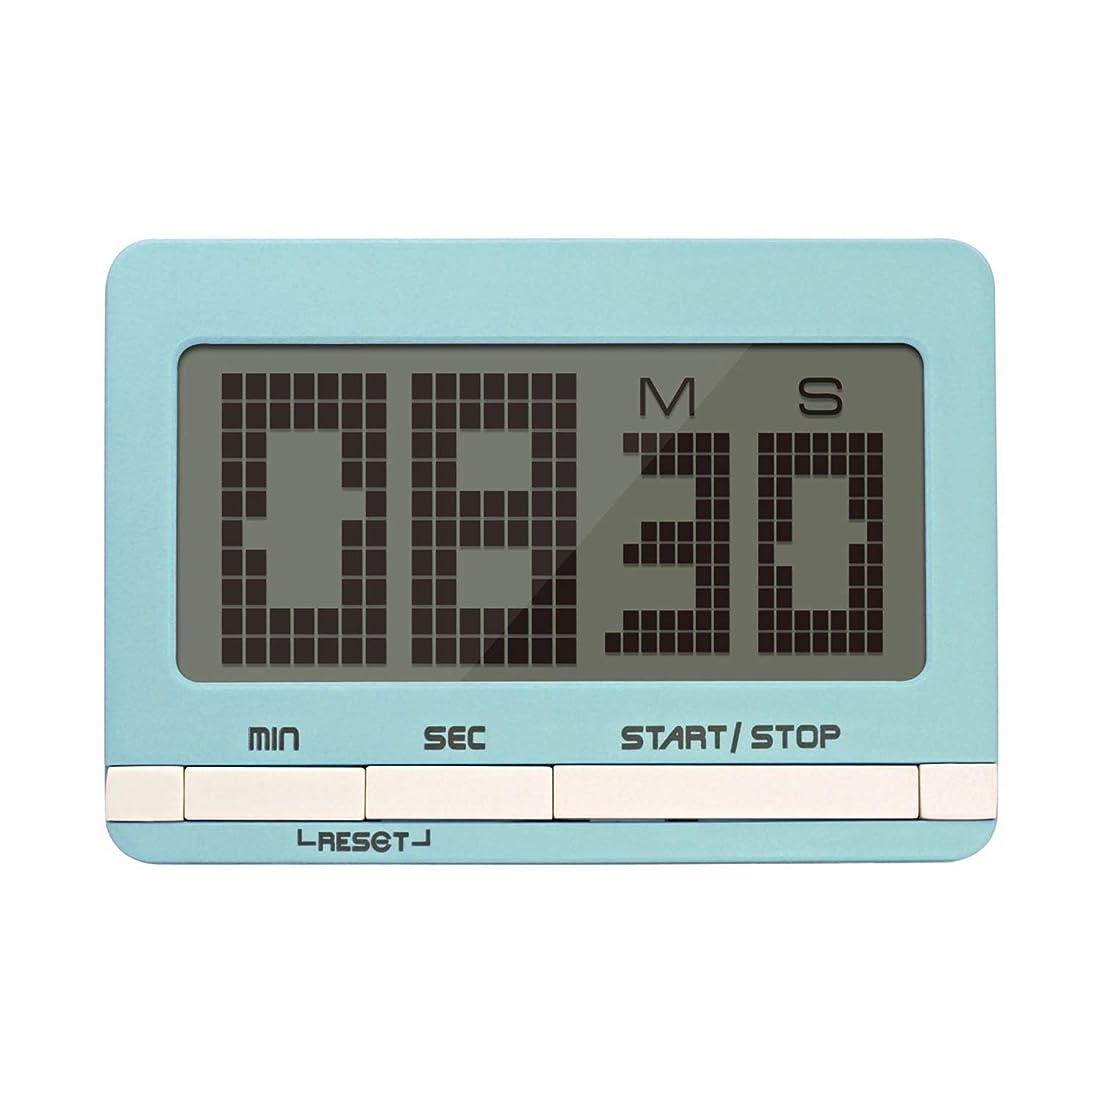 微視的日常的にキルス液晶タイマー、デジタルキッチンタイマー磁気カウントダウン付きストップウォッチタイマー付きラウドアラーム、ビッグディジット、バックスタンド、ハンギングホール (Color : Green0)